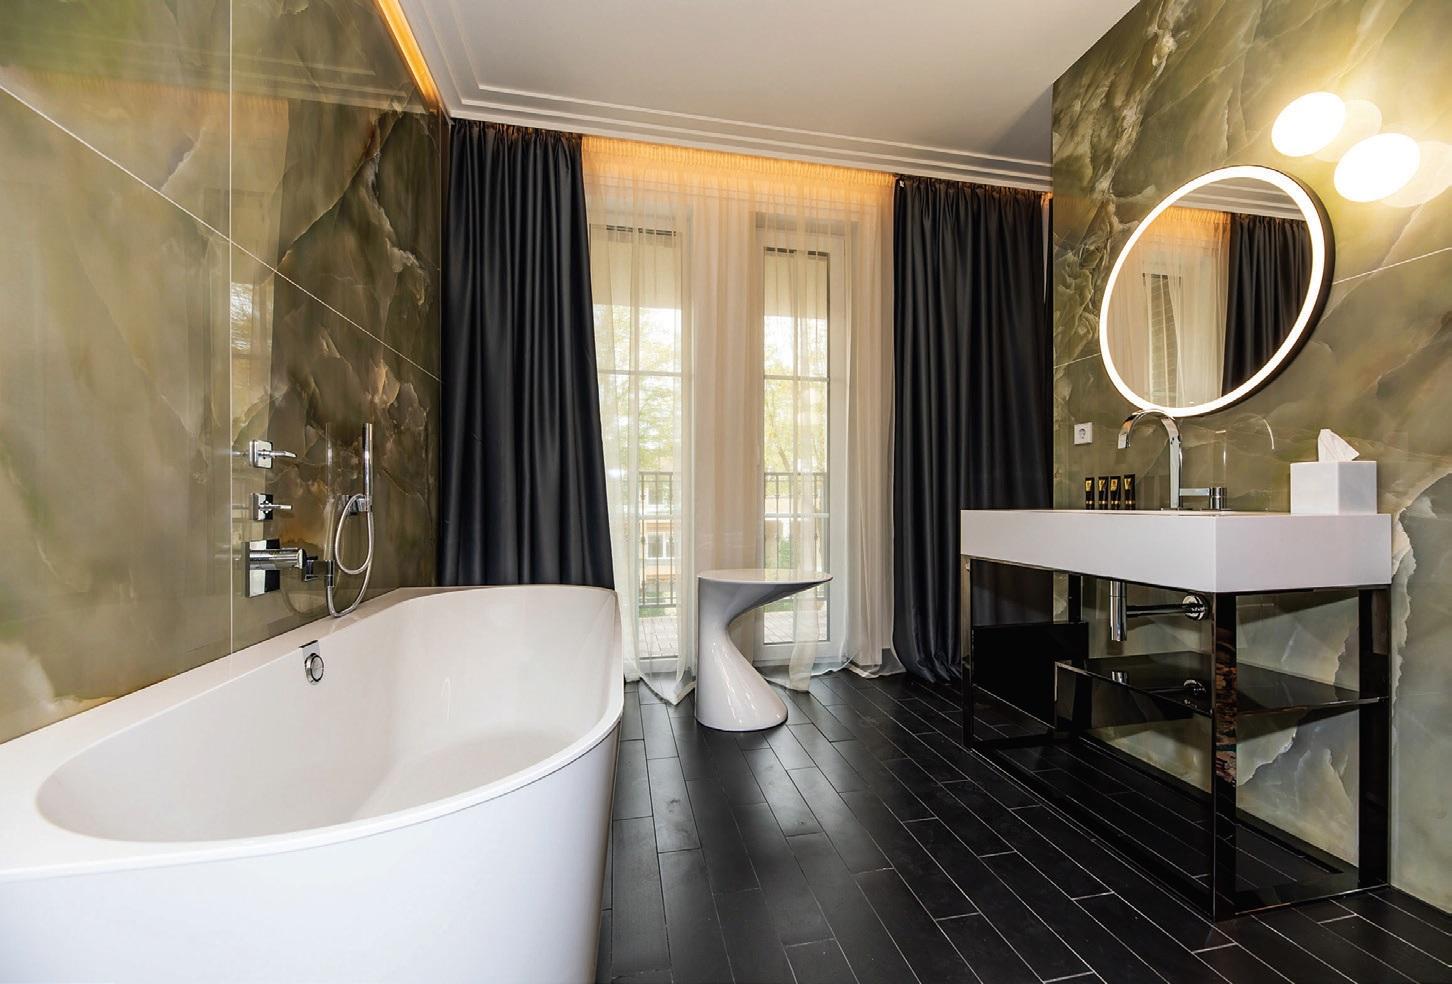 Vonios kambariuose įspūdingai atrodo onikso siena, suteikianti prabangos ir išskirtinumo